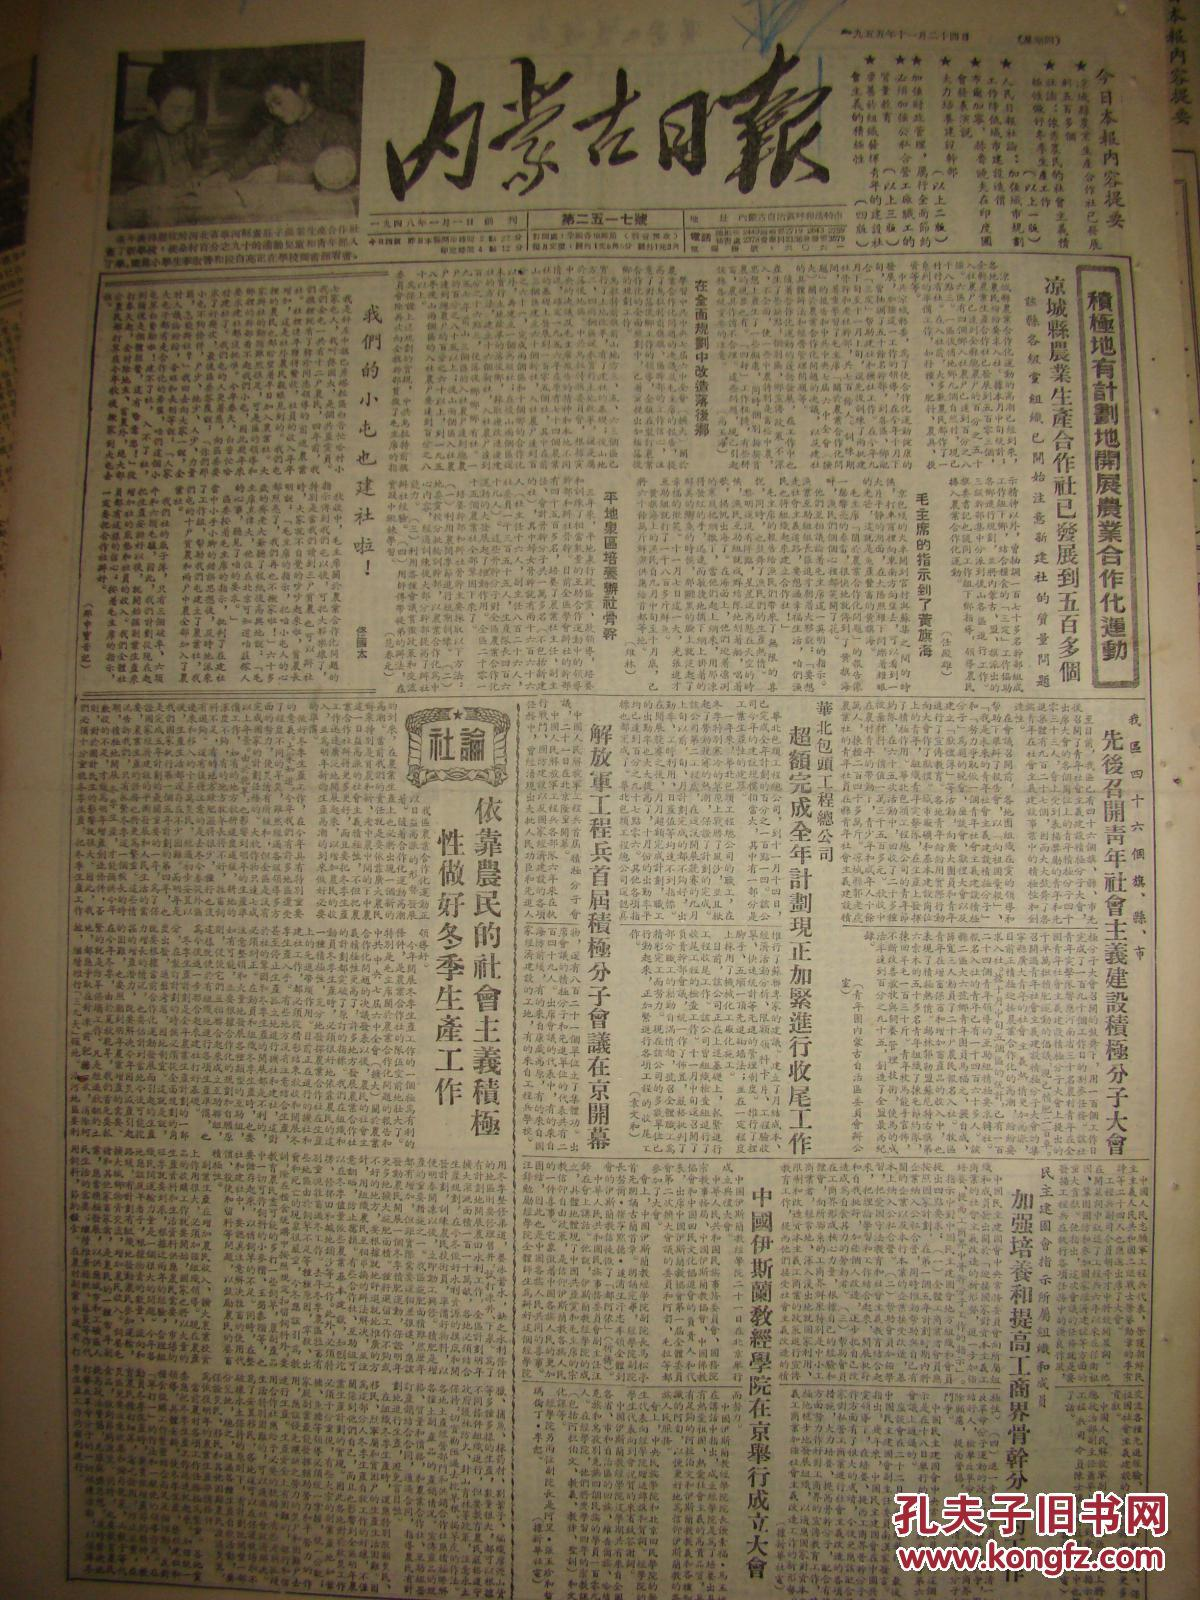 【图】《内蒙古气门》【中国伊斯兰教经学院在更换嘴教程日报图片